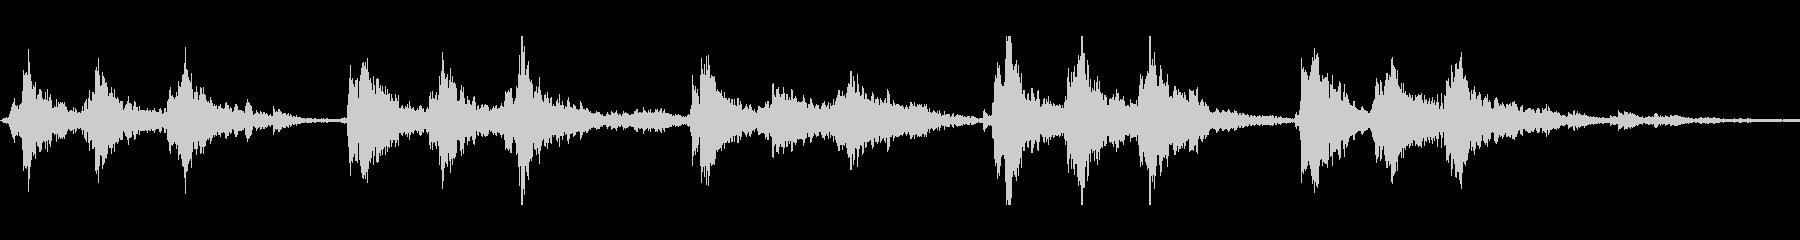 ベルそりリング、の未再生の波形